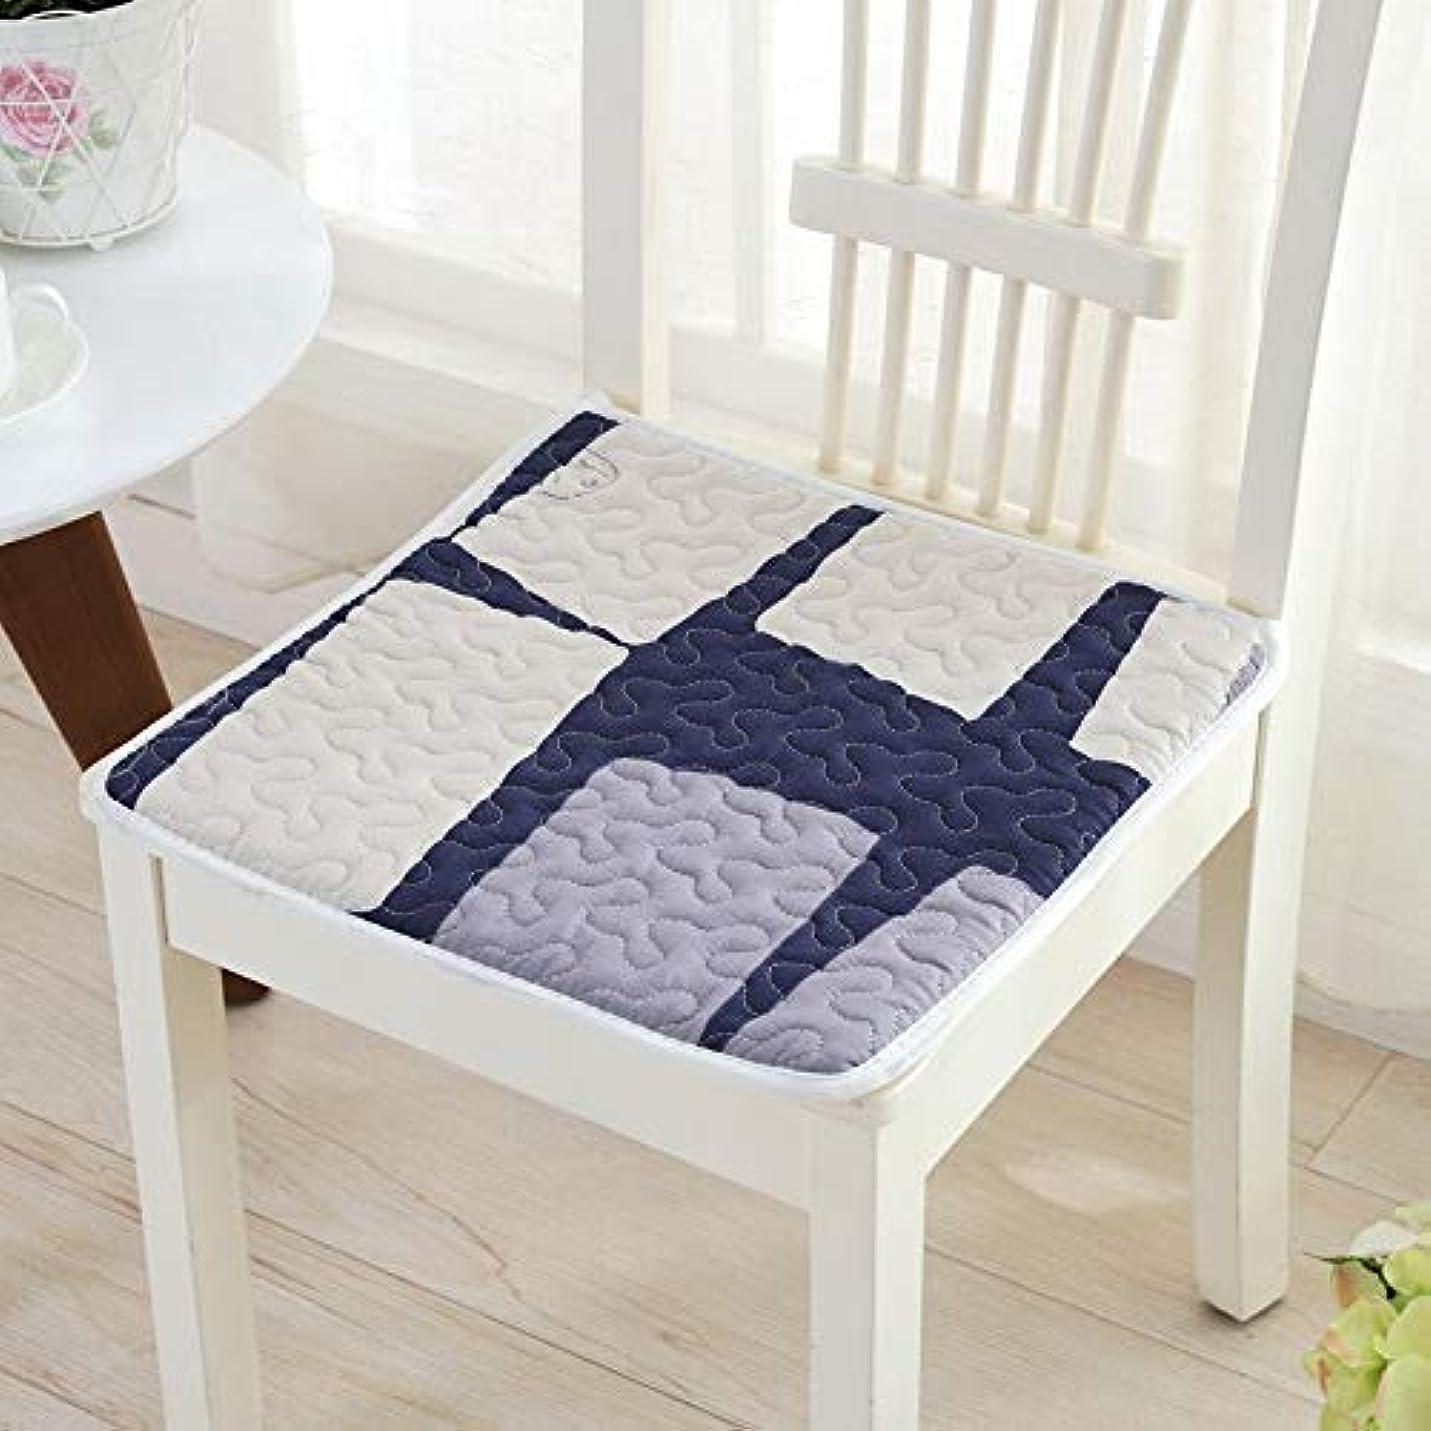 挑む変形修正LIFE 現代スーパーソフト椅子クッション非スリップシートクッションマットソファホームデコレーションバッククッションチェアパッド 40*40/45*45/50*50 センチメートル クッション 椅子